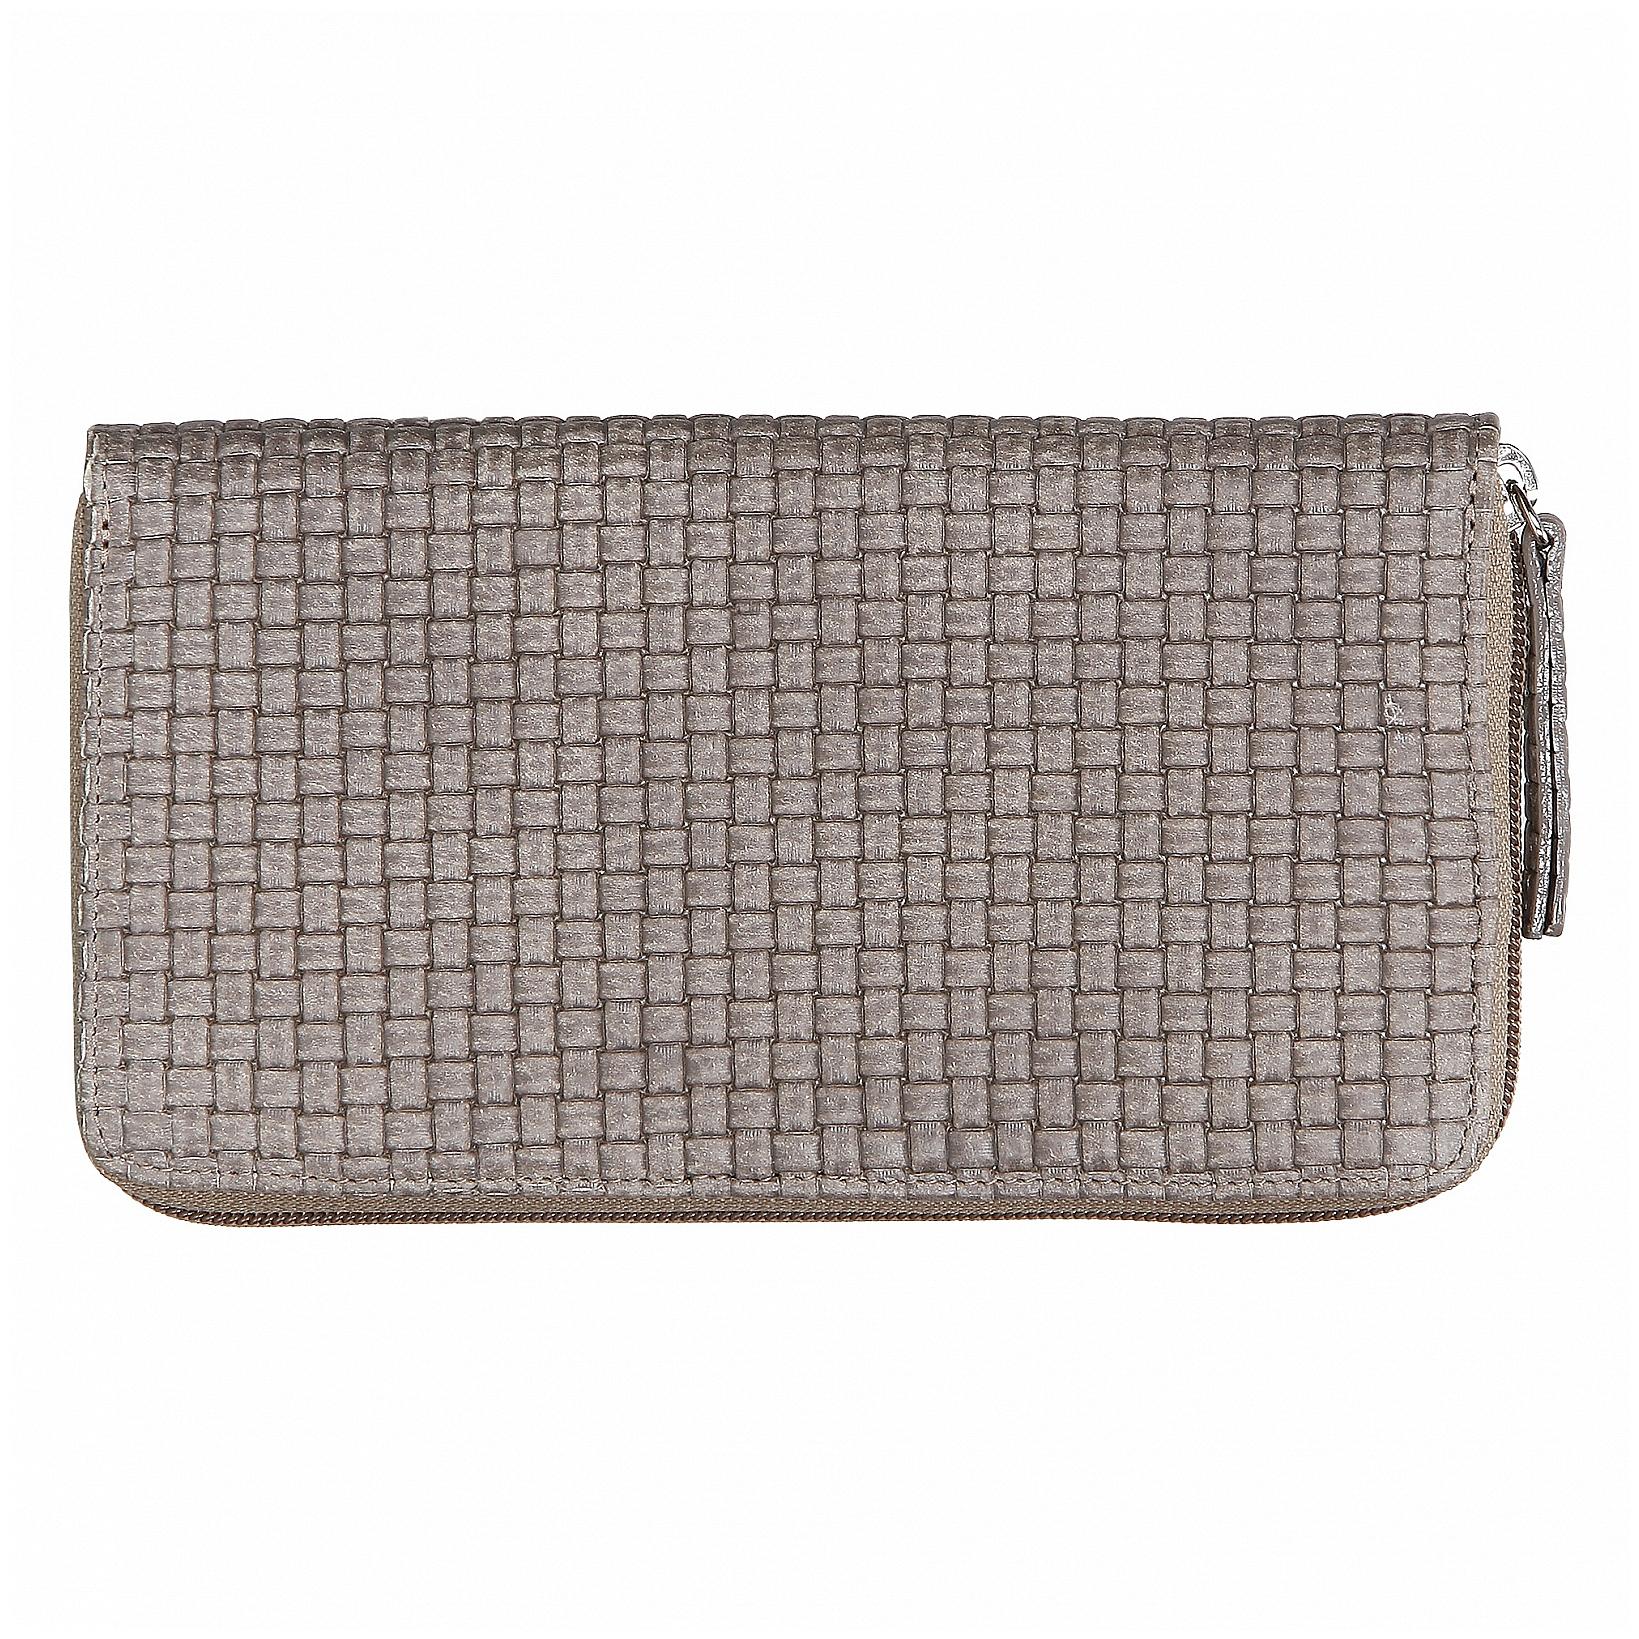 JOST Dámská kožená zipová peněženka TRECCIA 2587-804 písková